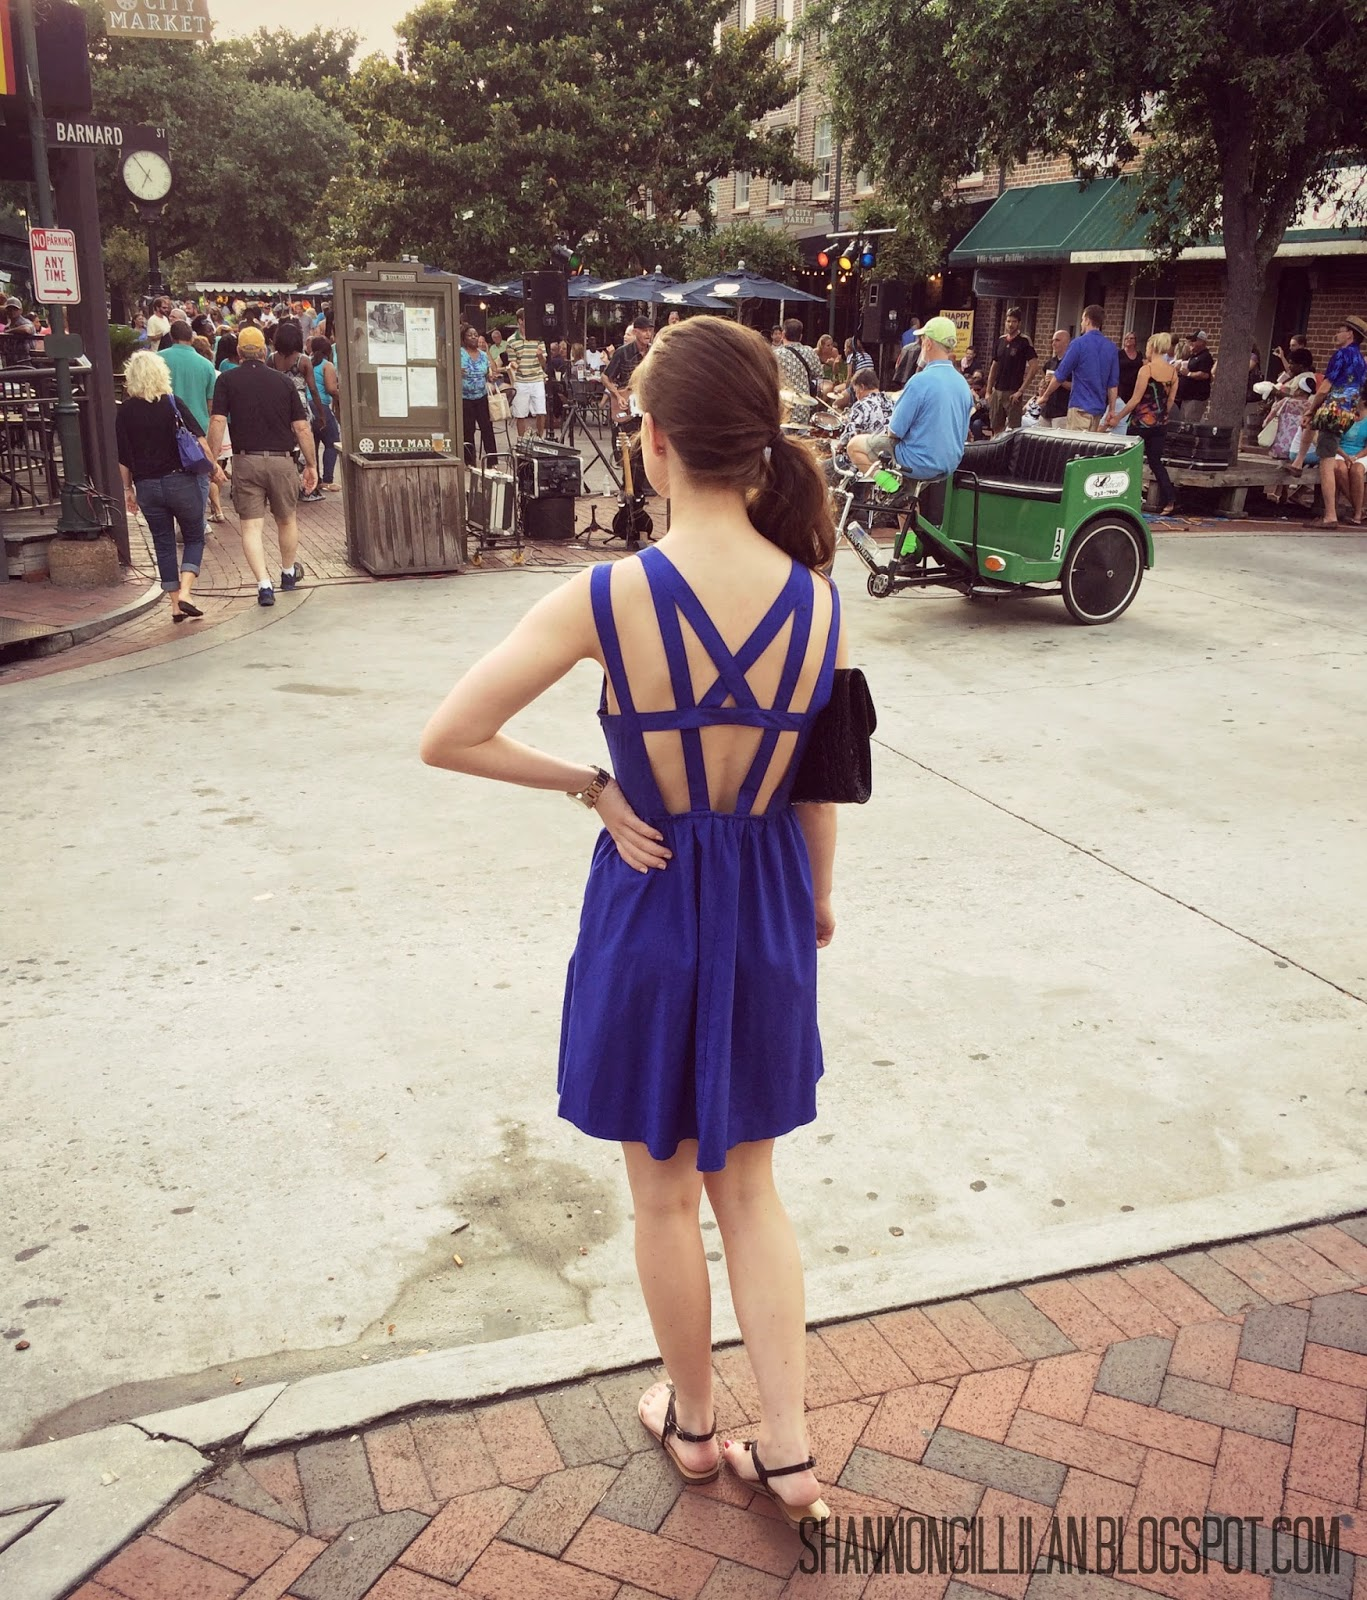 Savannah Georgia City Market www.shannongillilan.blogspot.com